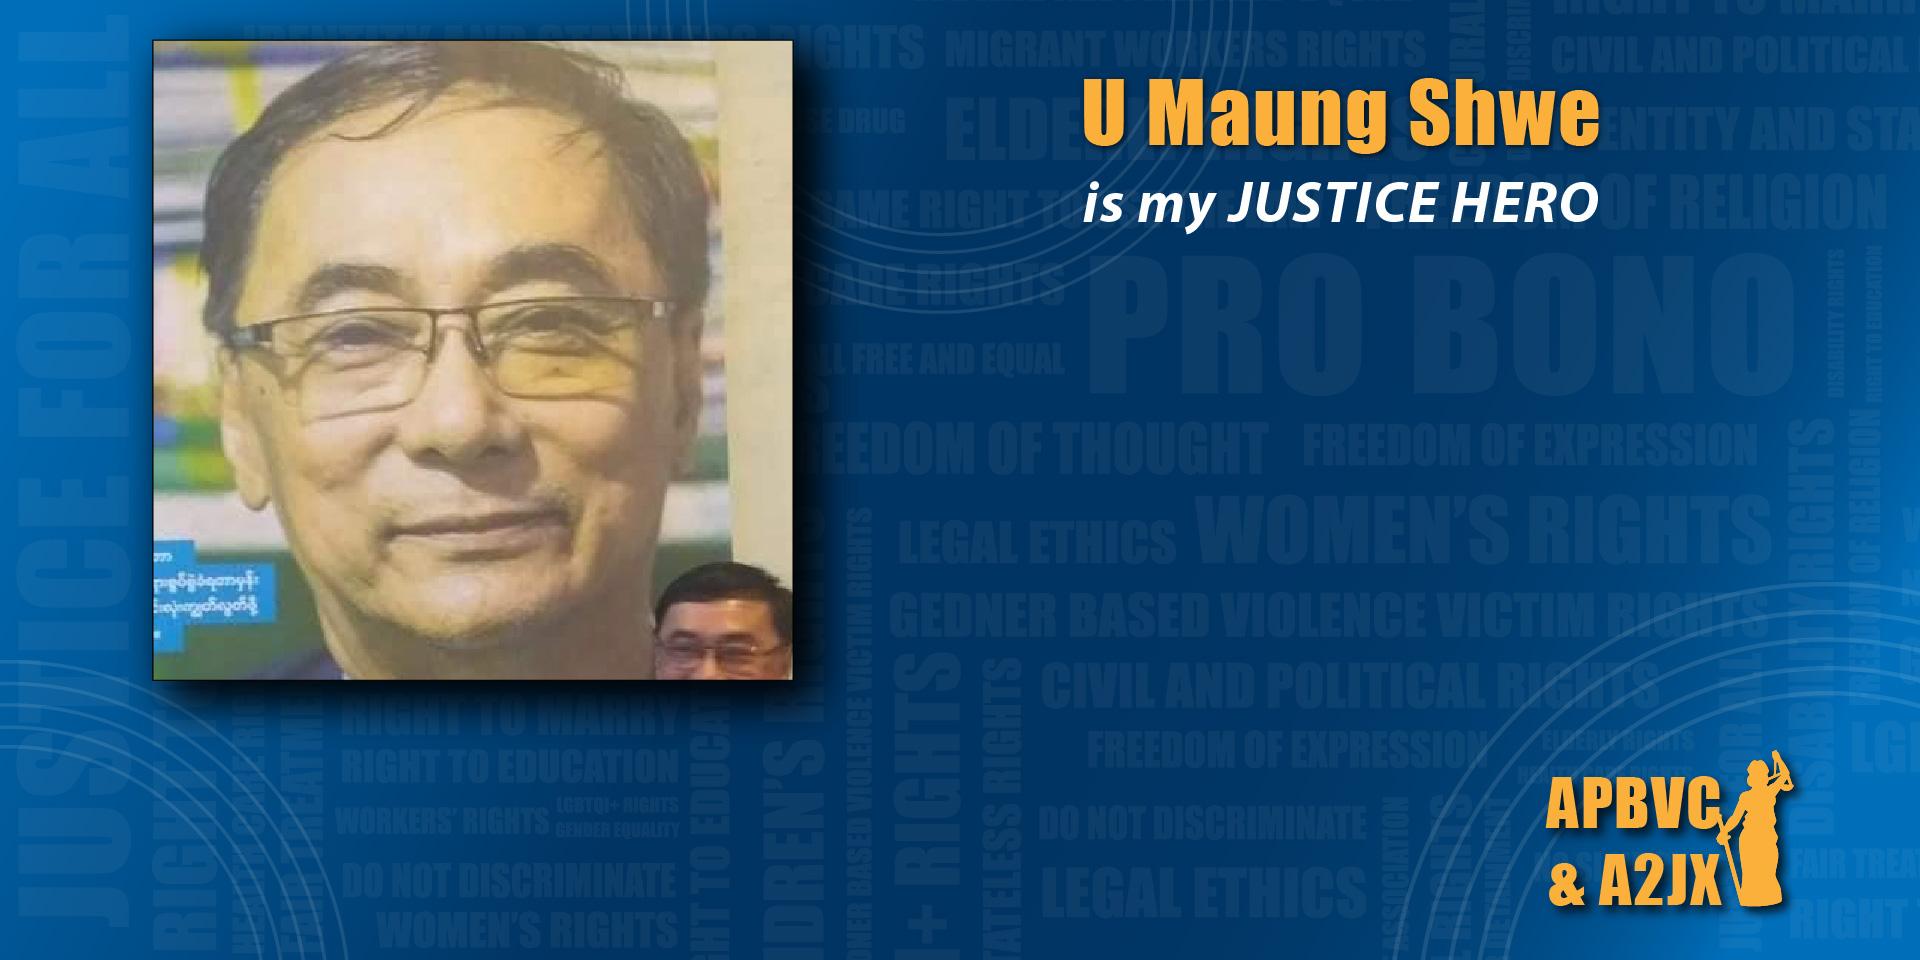 U Maung Shwe